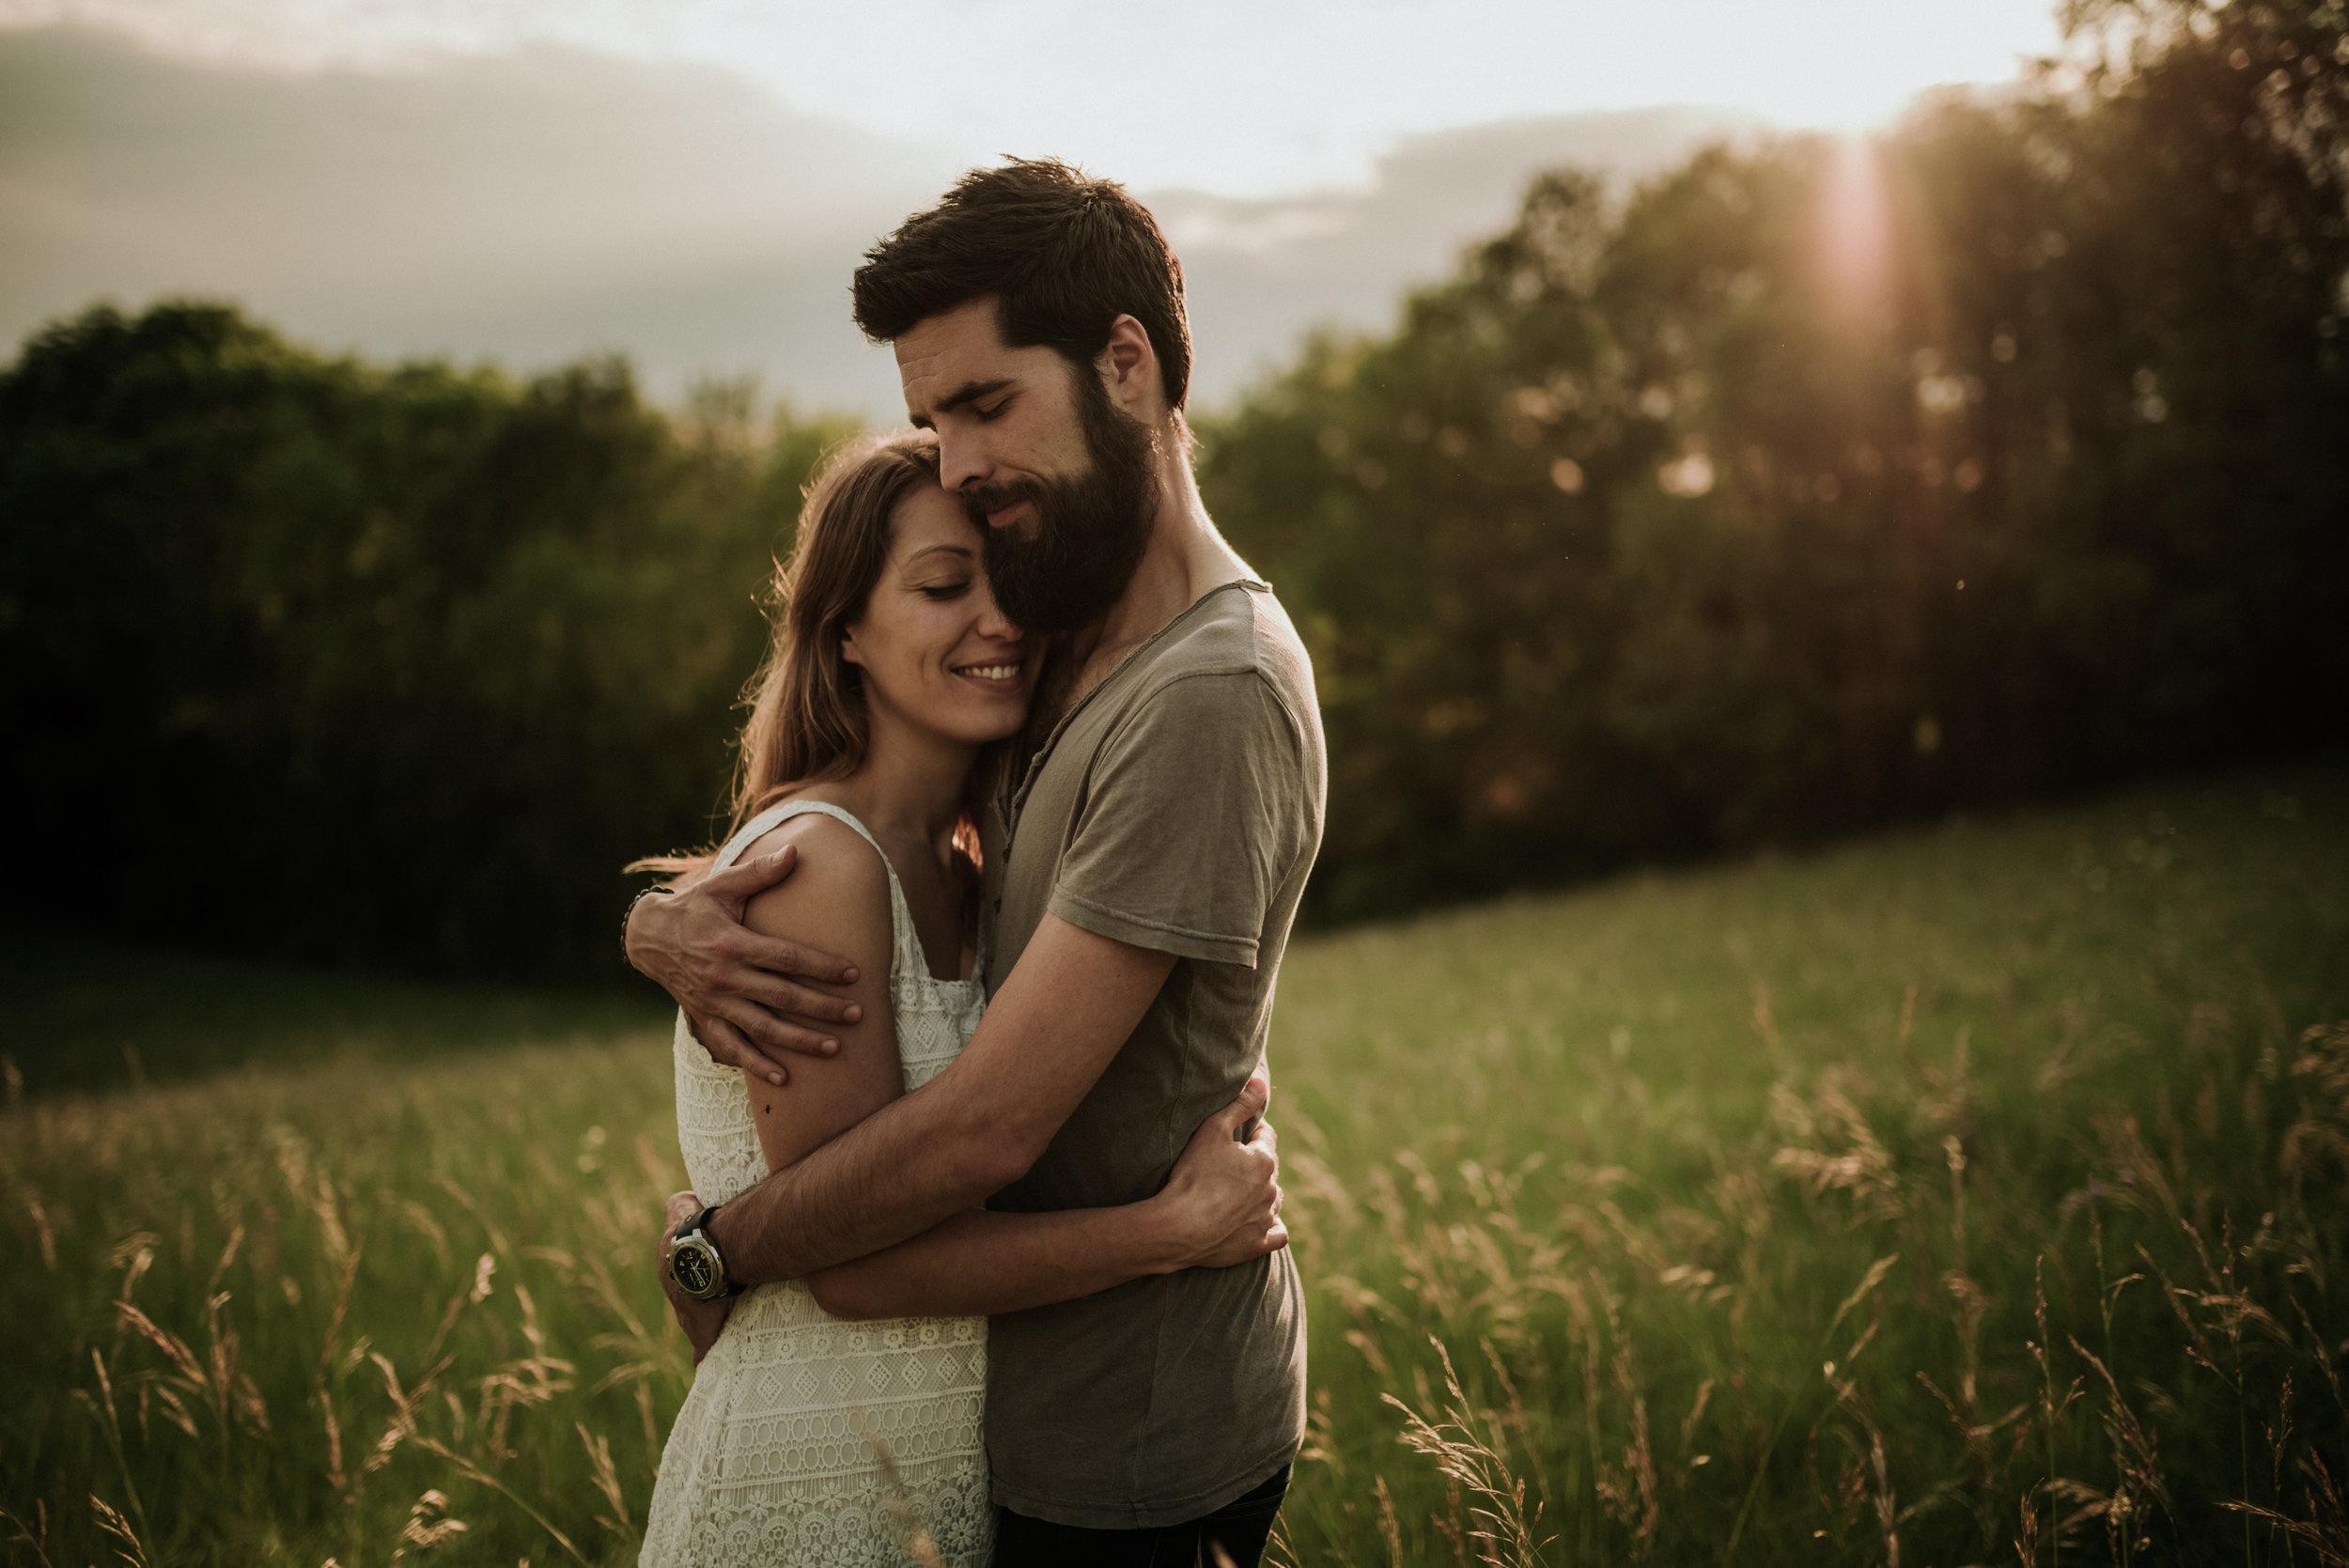 Léa-Fery-photographe-professionnel-lyon-rhone-alpes-portrait-creation-mariage-evenement-evenementiel-famille-0674.jpg